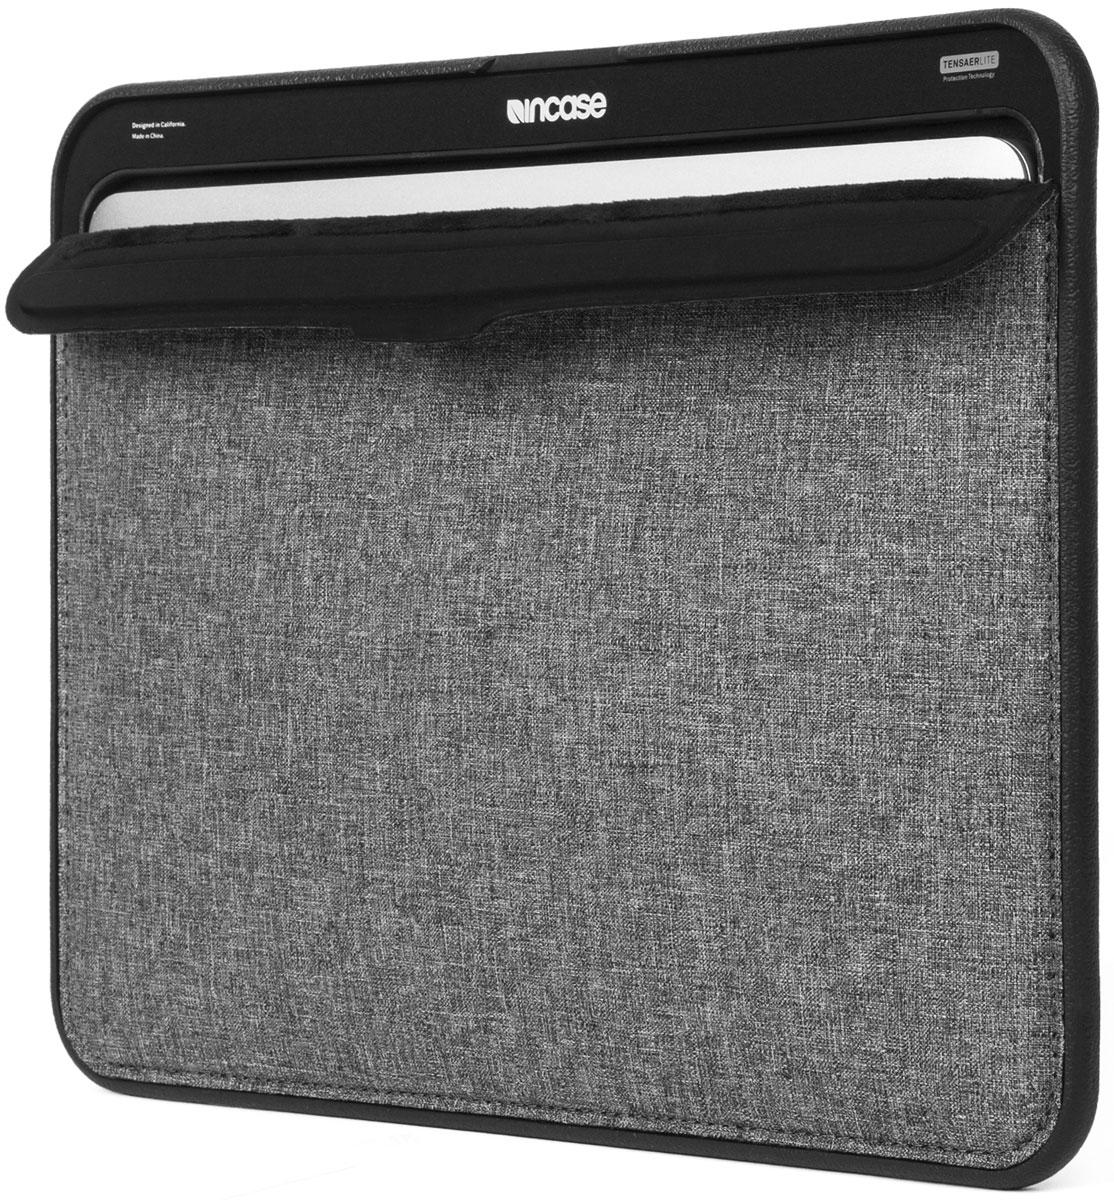 Incase Icon Sleeve чехол для Apple MacBook Air 11, Gray BlackCL60645Чехол Incase Icon Sleeve для MacBook оснащается лёгкой рамой-бампером из ЭВА и использует современную технологию Tensaerlite для максимальной защиты от ударов. Магнитная застёжка чехла дополнительно защищает MacBook, при этом обеспечивая удобный доступ к нему.